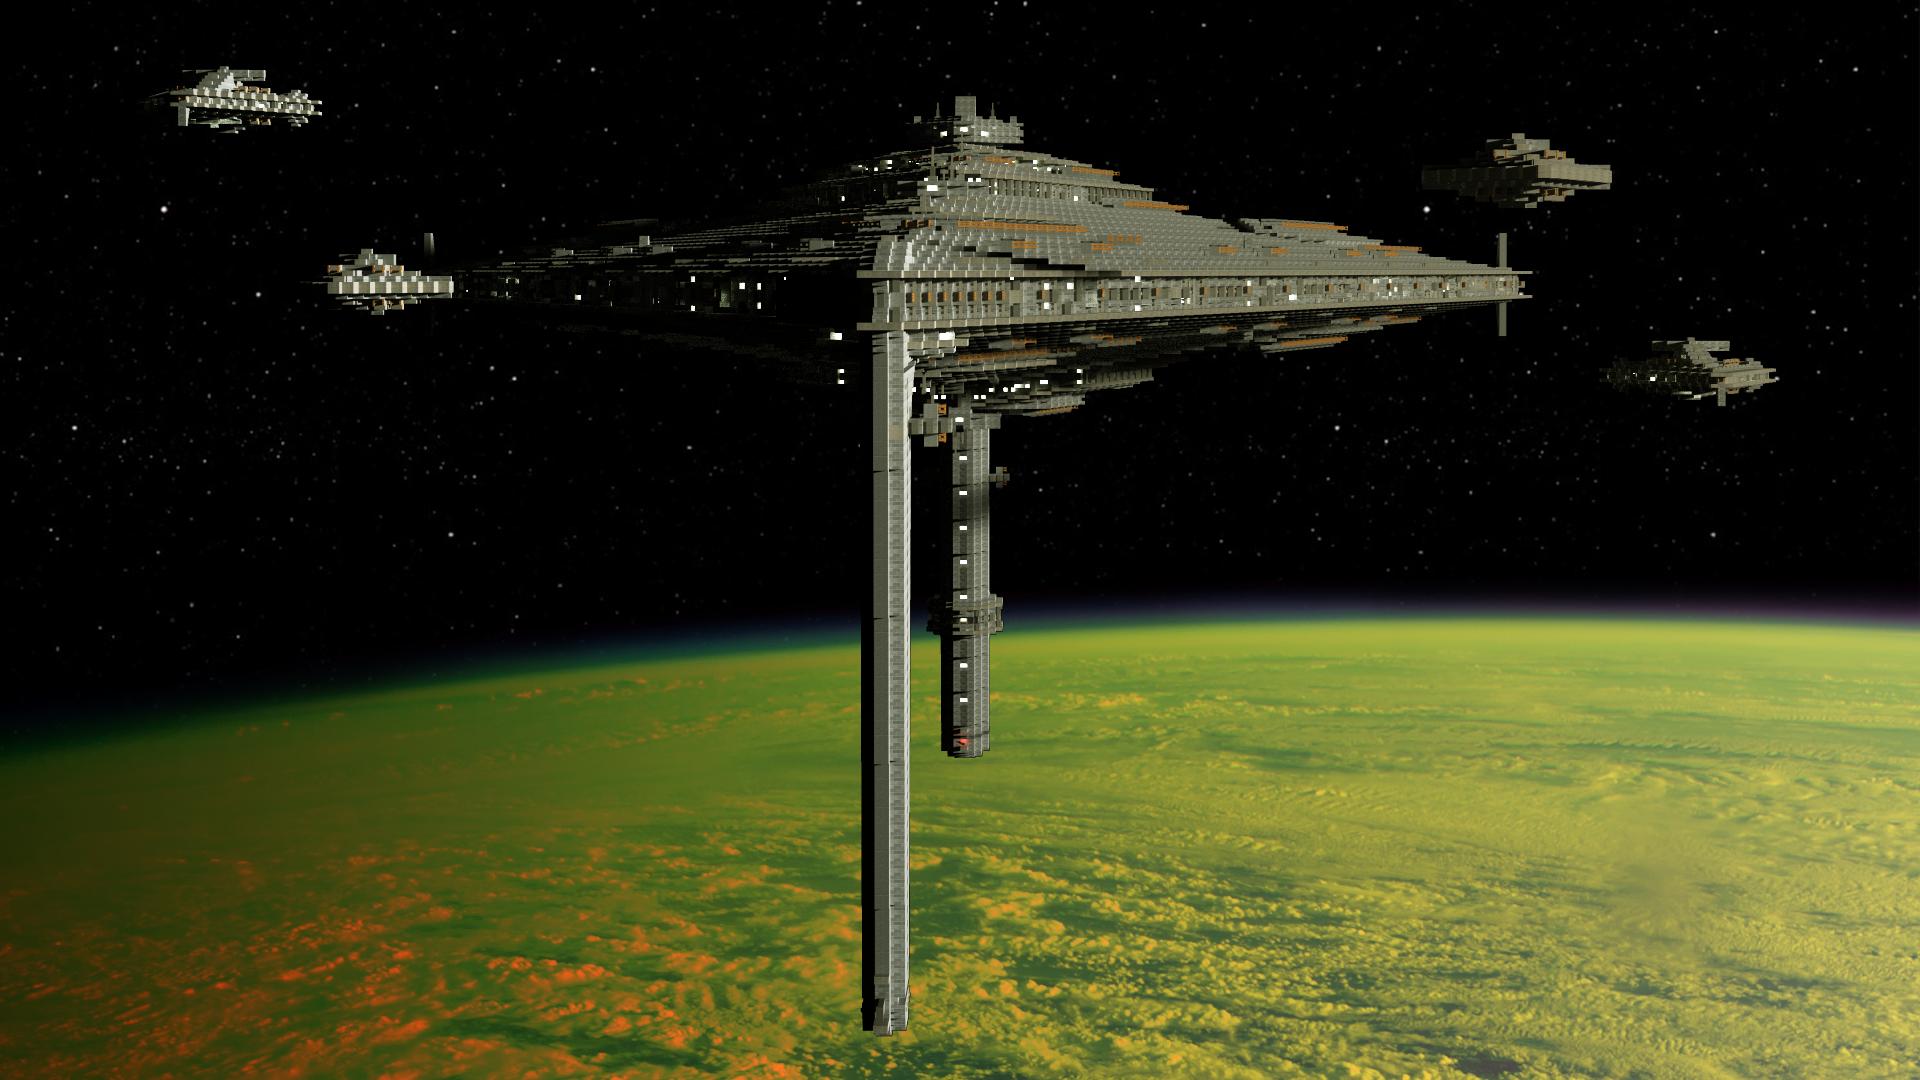 Imperial_fleet61-3000.png